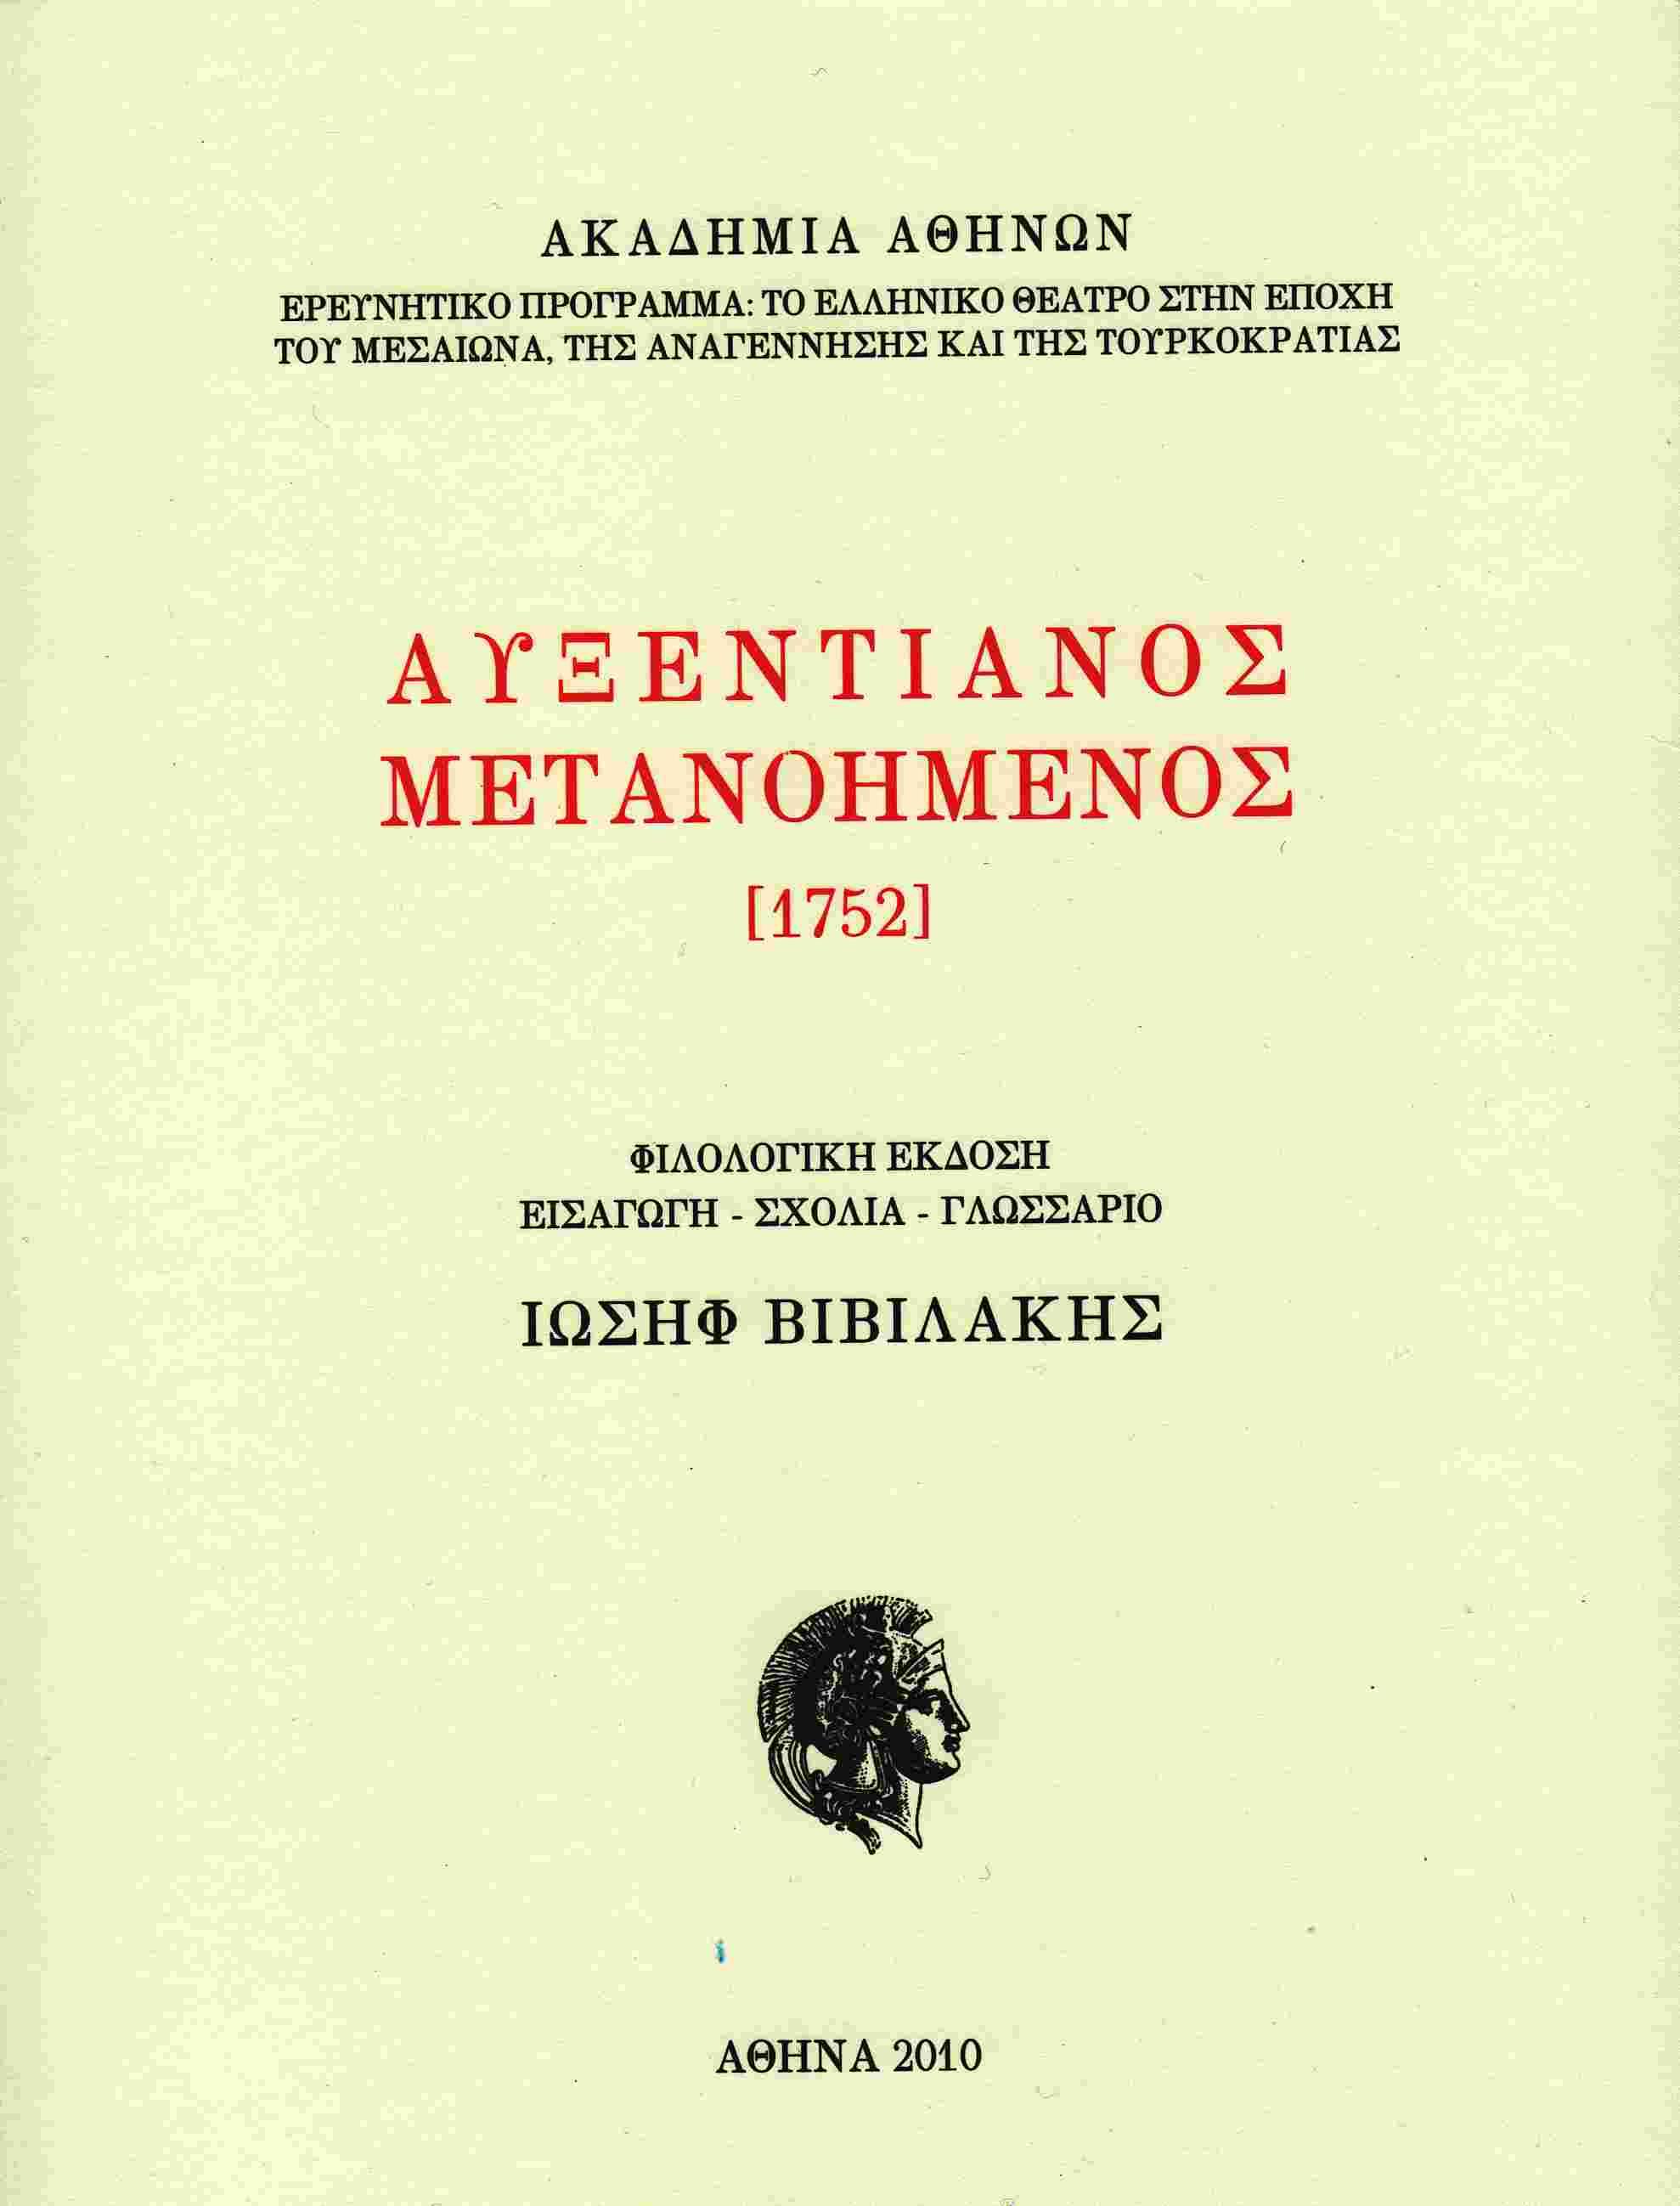 Αὐξεντιανὸς μετανοημένος (1752)